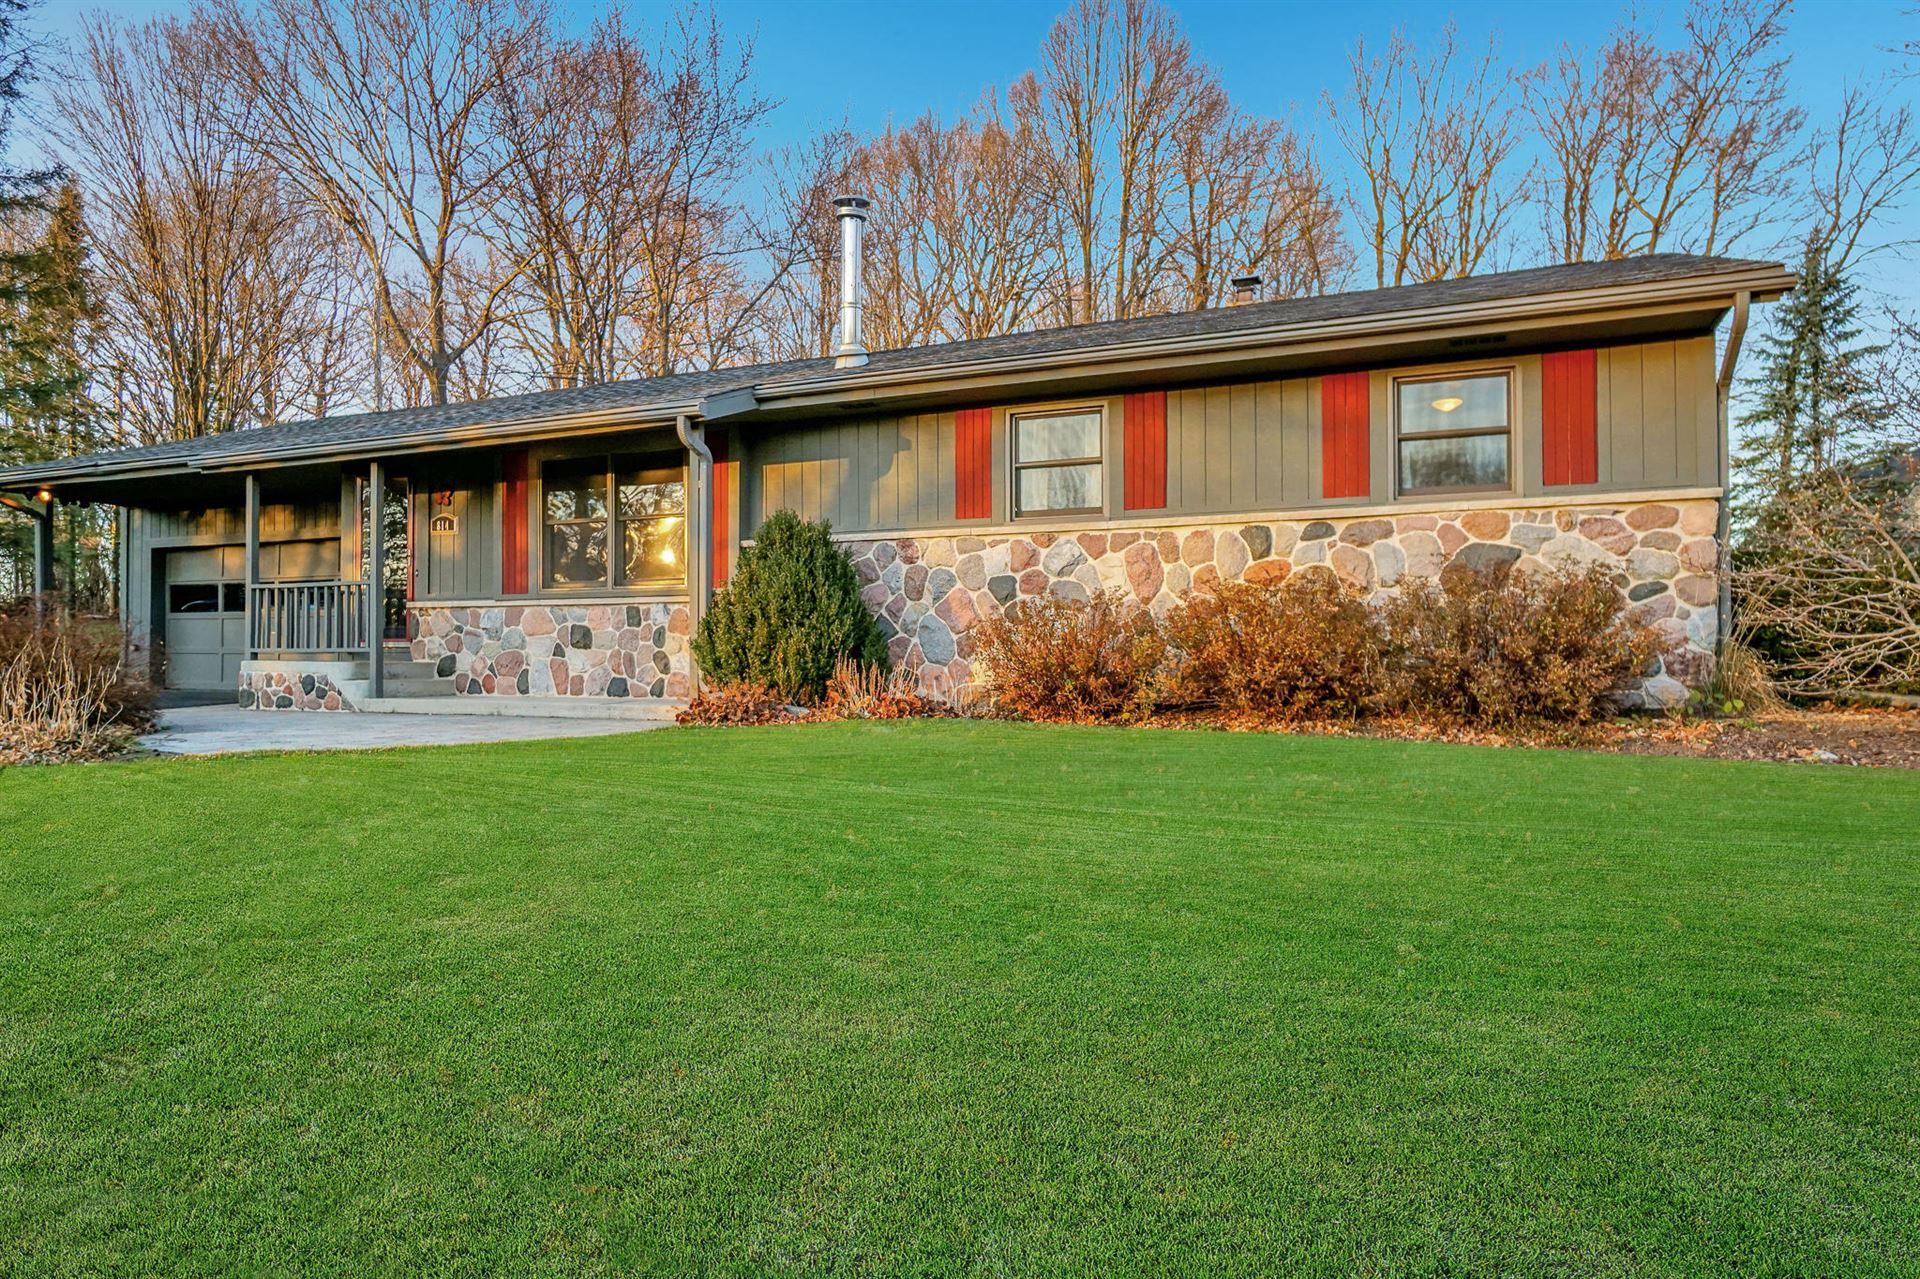 814 Park Manor Ct, Jackson, WI 53012 - #: 1719537